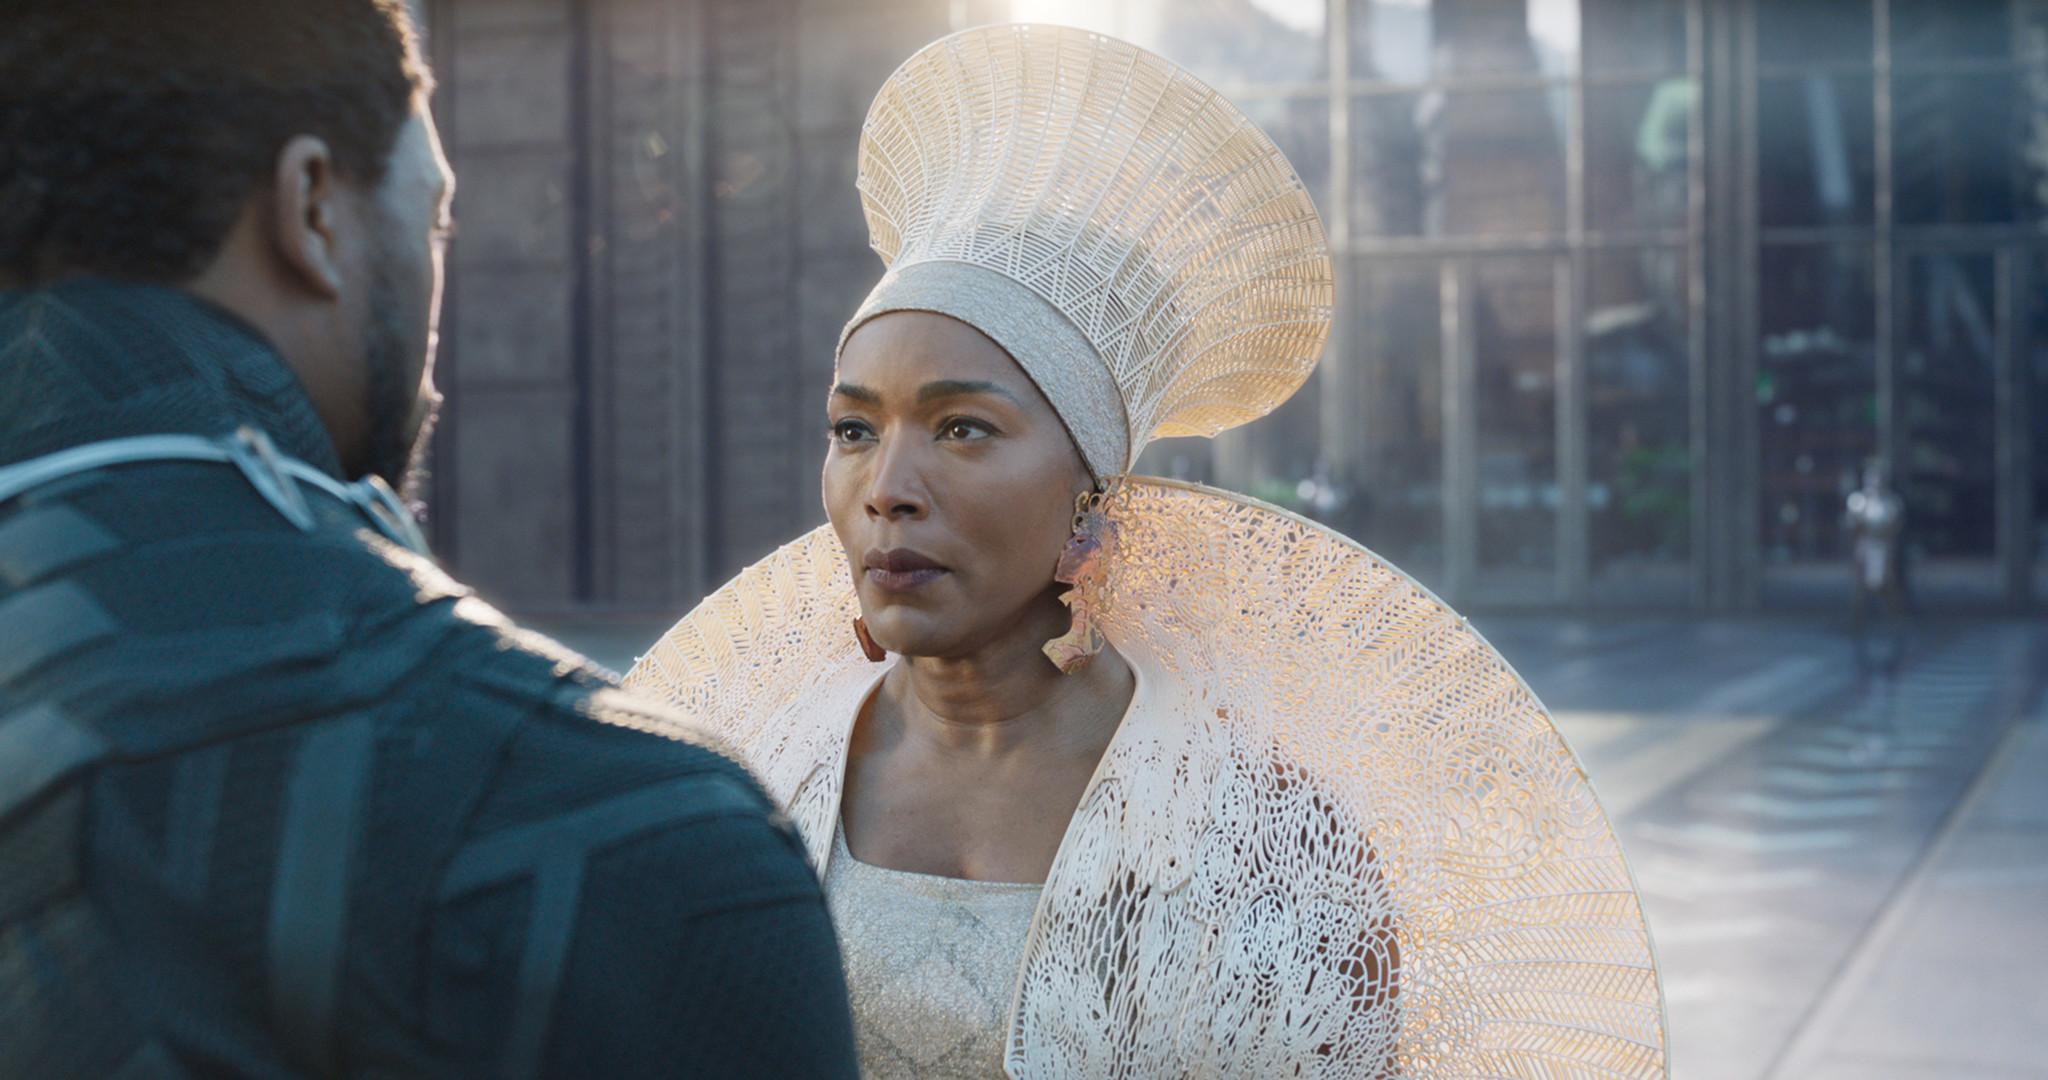 (L-R) - T'Challa/Black Panther (Chadwick Boseman) and Ramonda (Angela Bassett) in a scene from